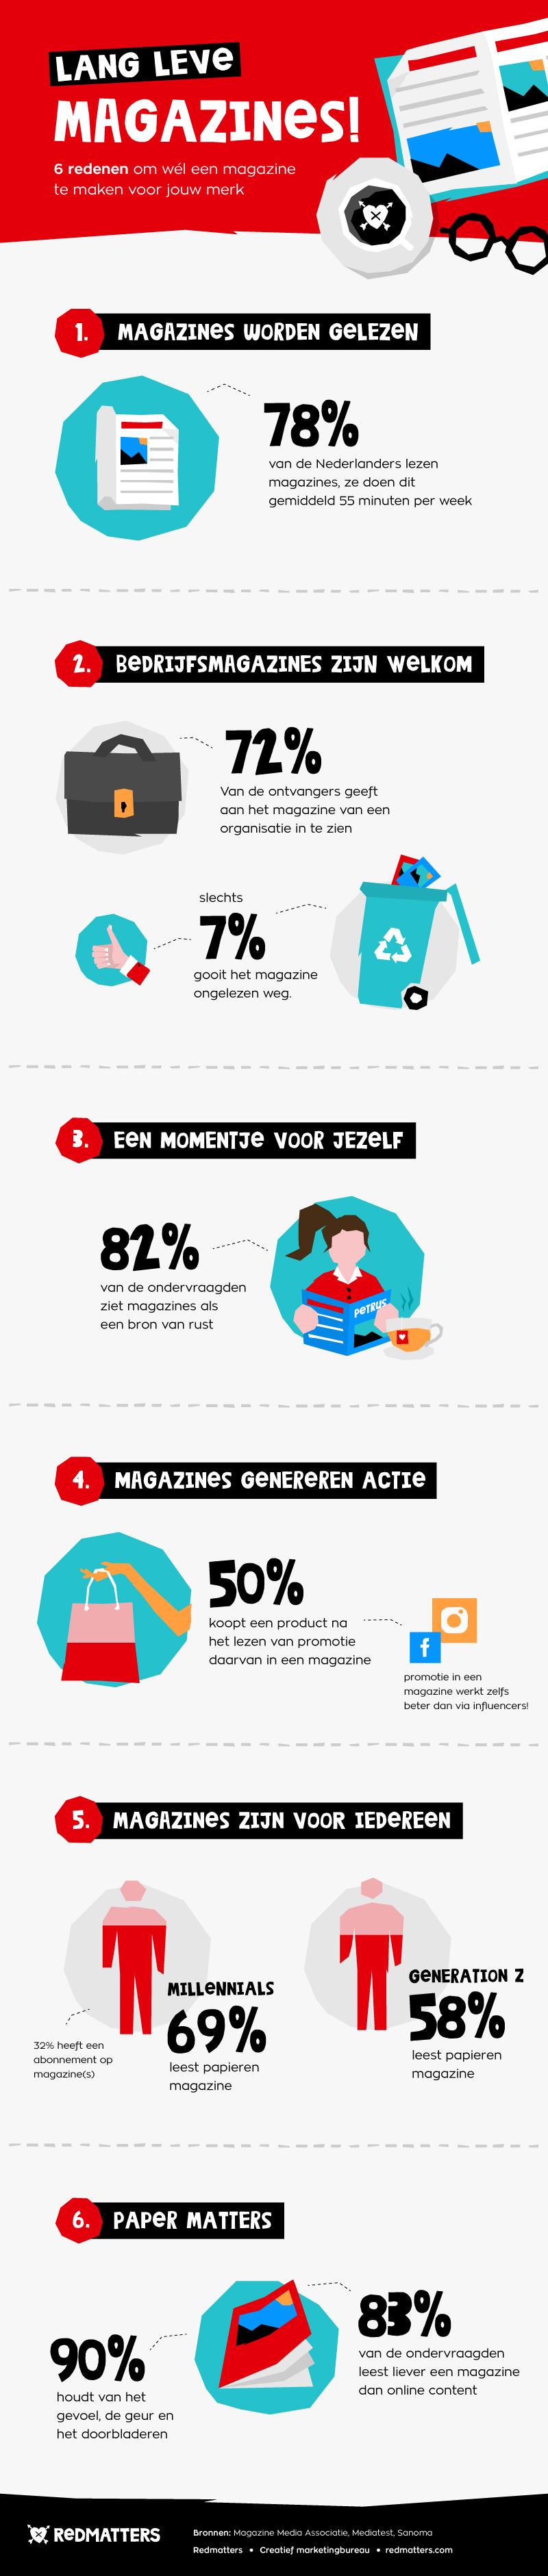 Infographic Magazines - 6 reden om wel magazines te maken voor jouw merk!